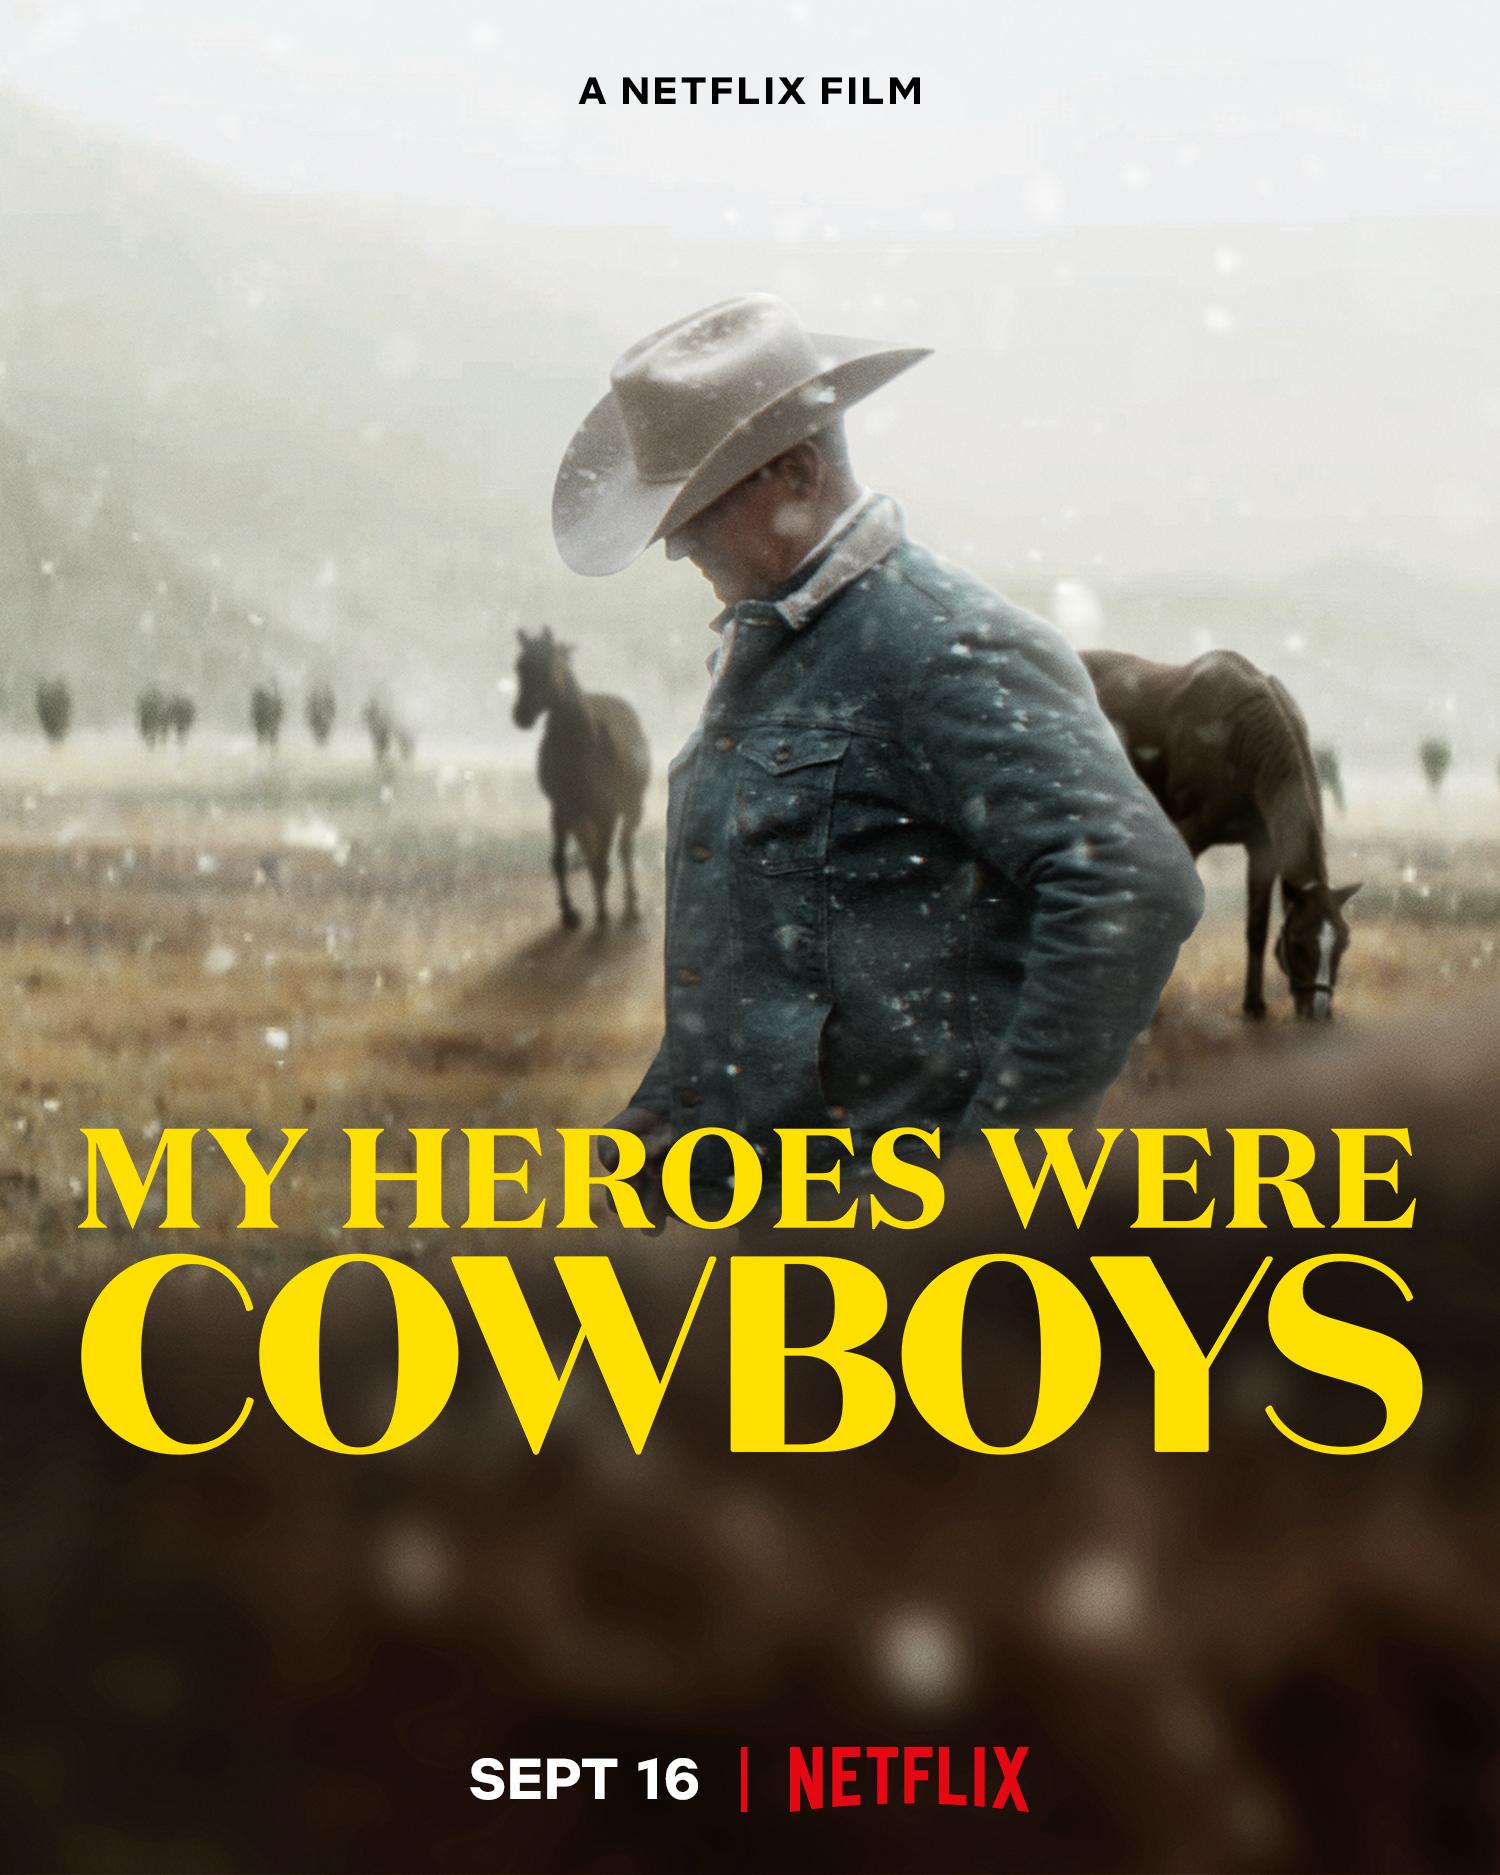 Download Filme Meus Heróis Eram Cowboys Qualidade Hd